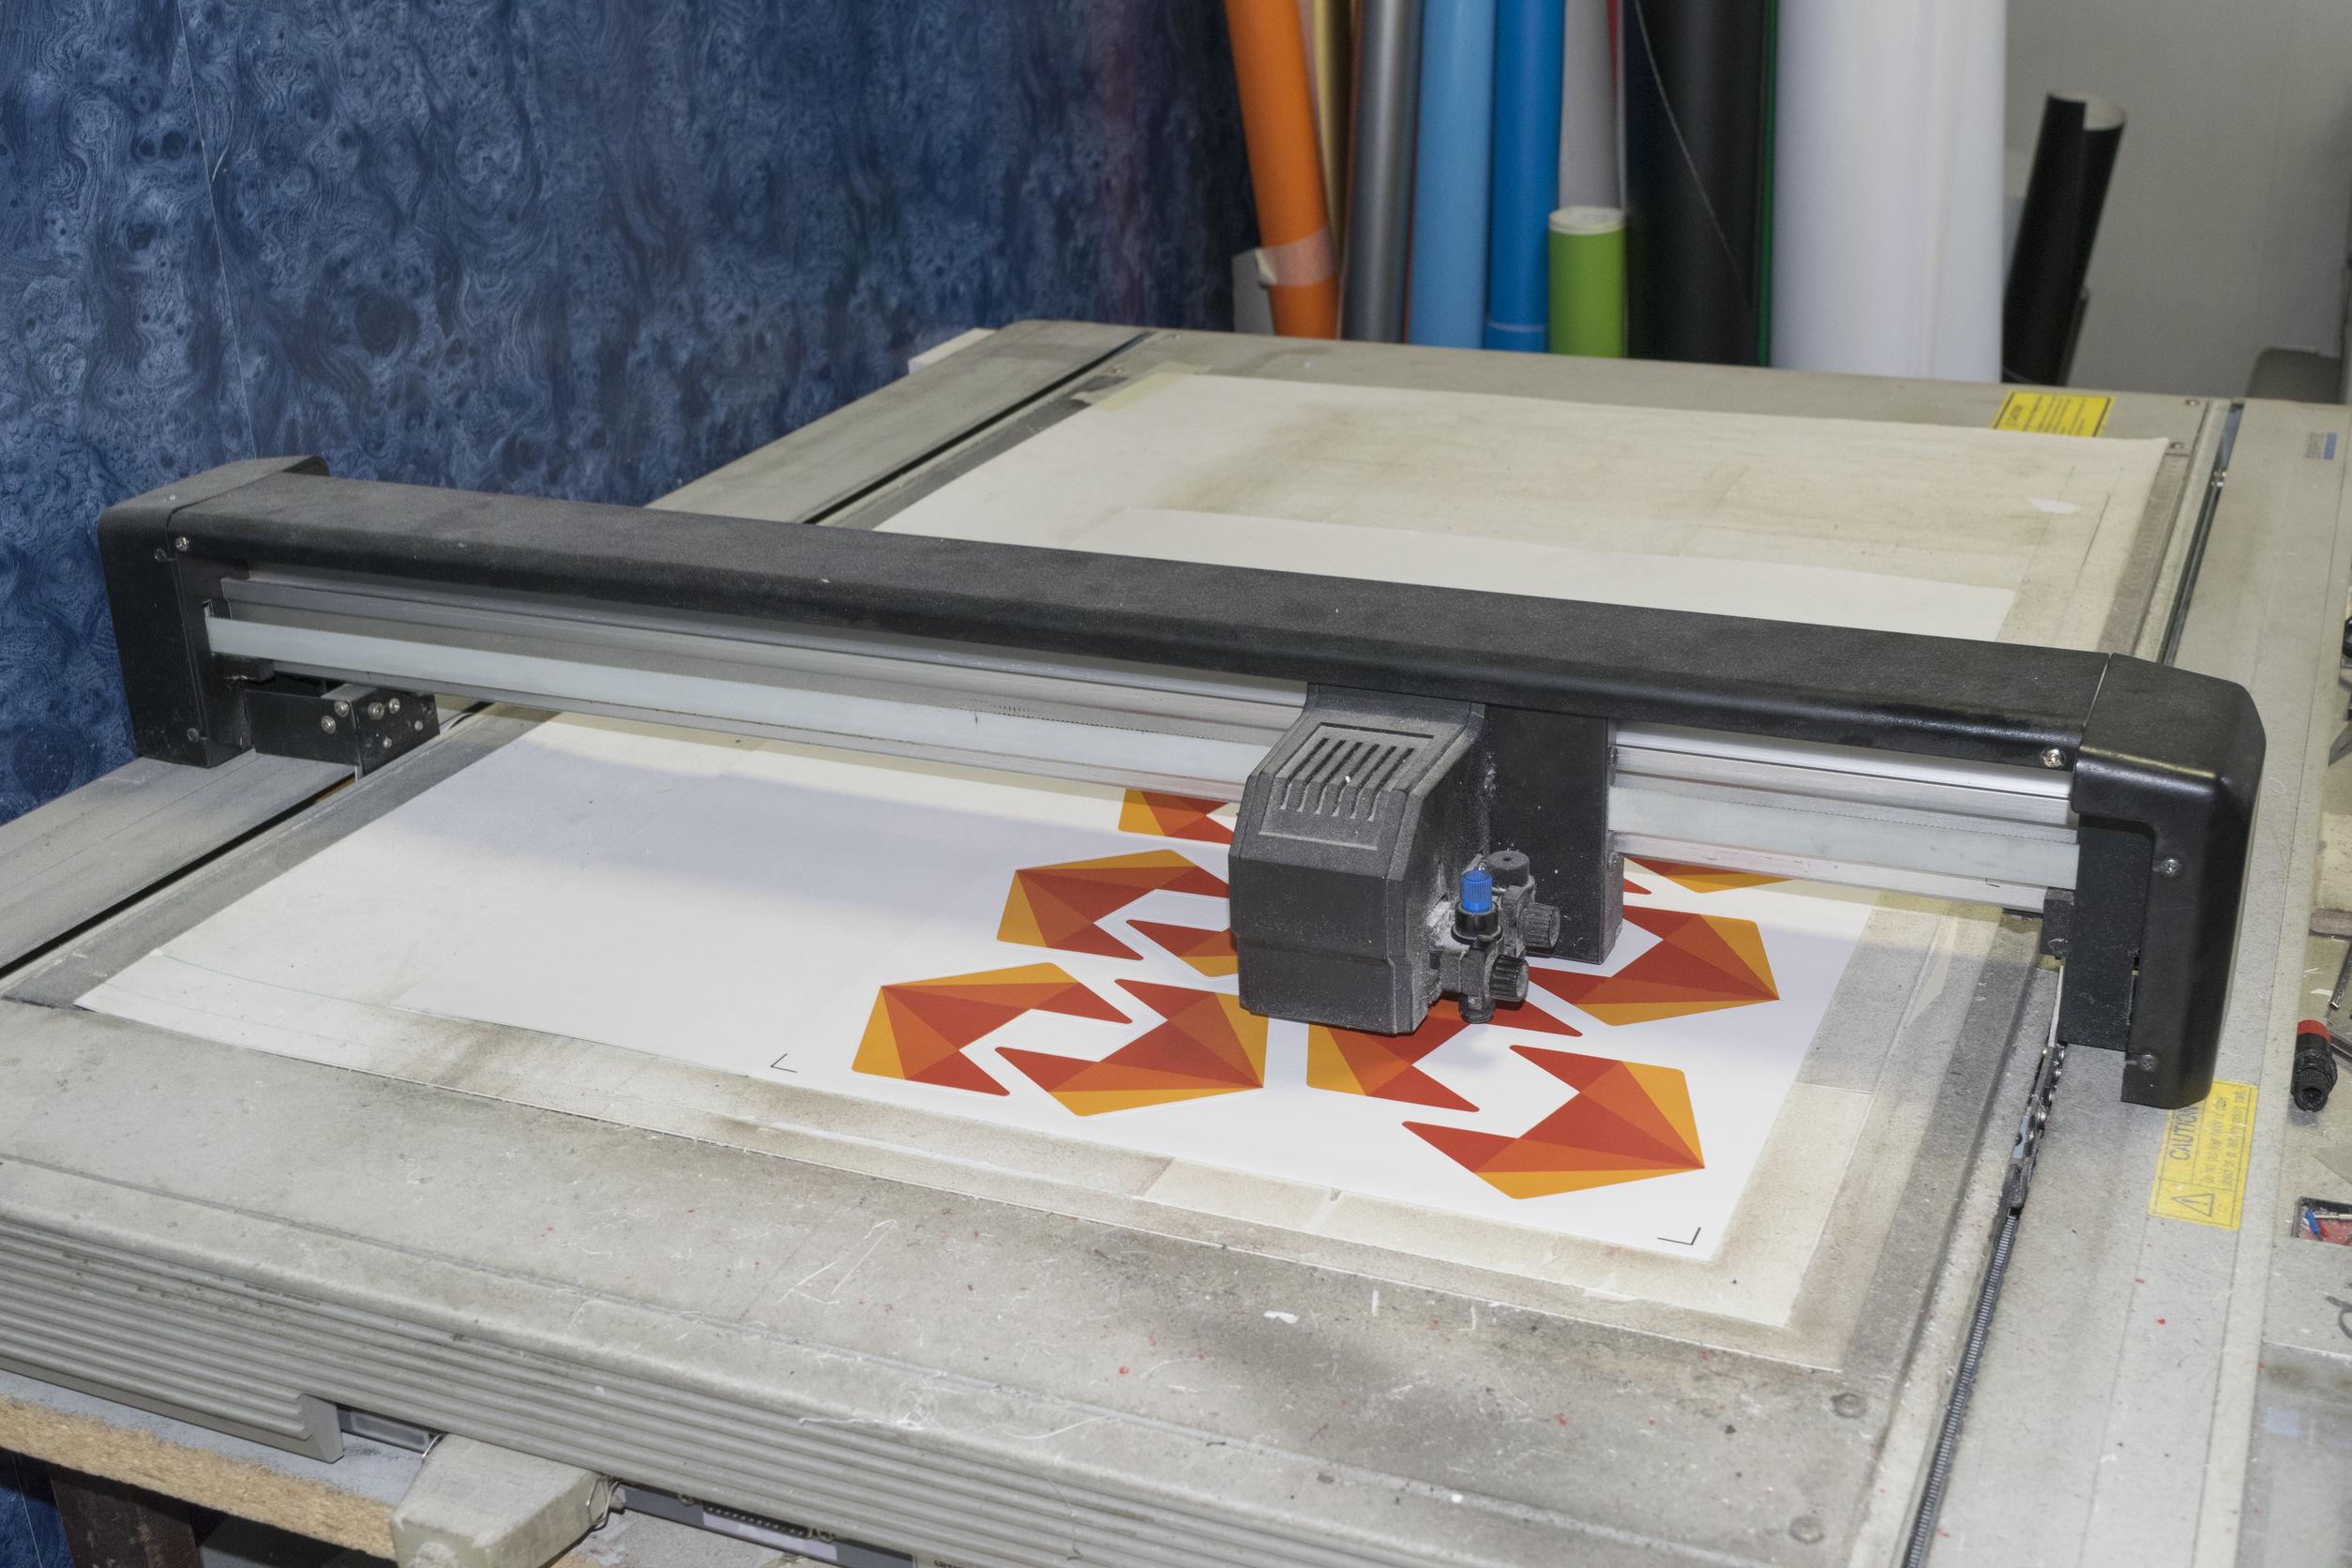 plotter de corte de superficie plana en proceso de trabajo.